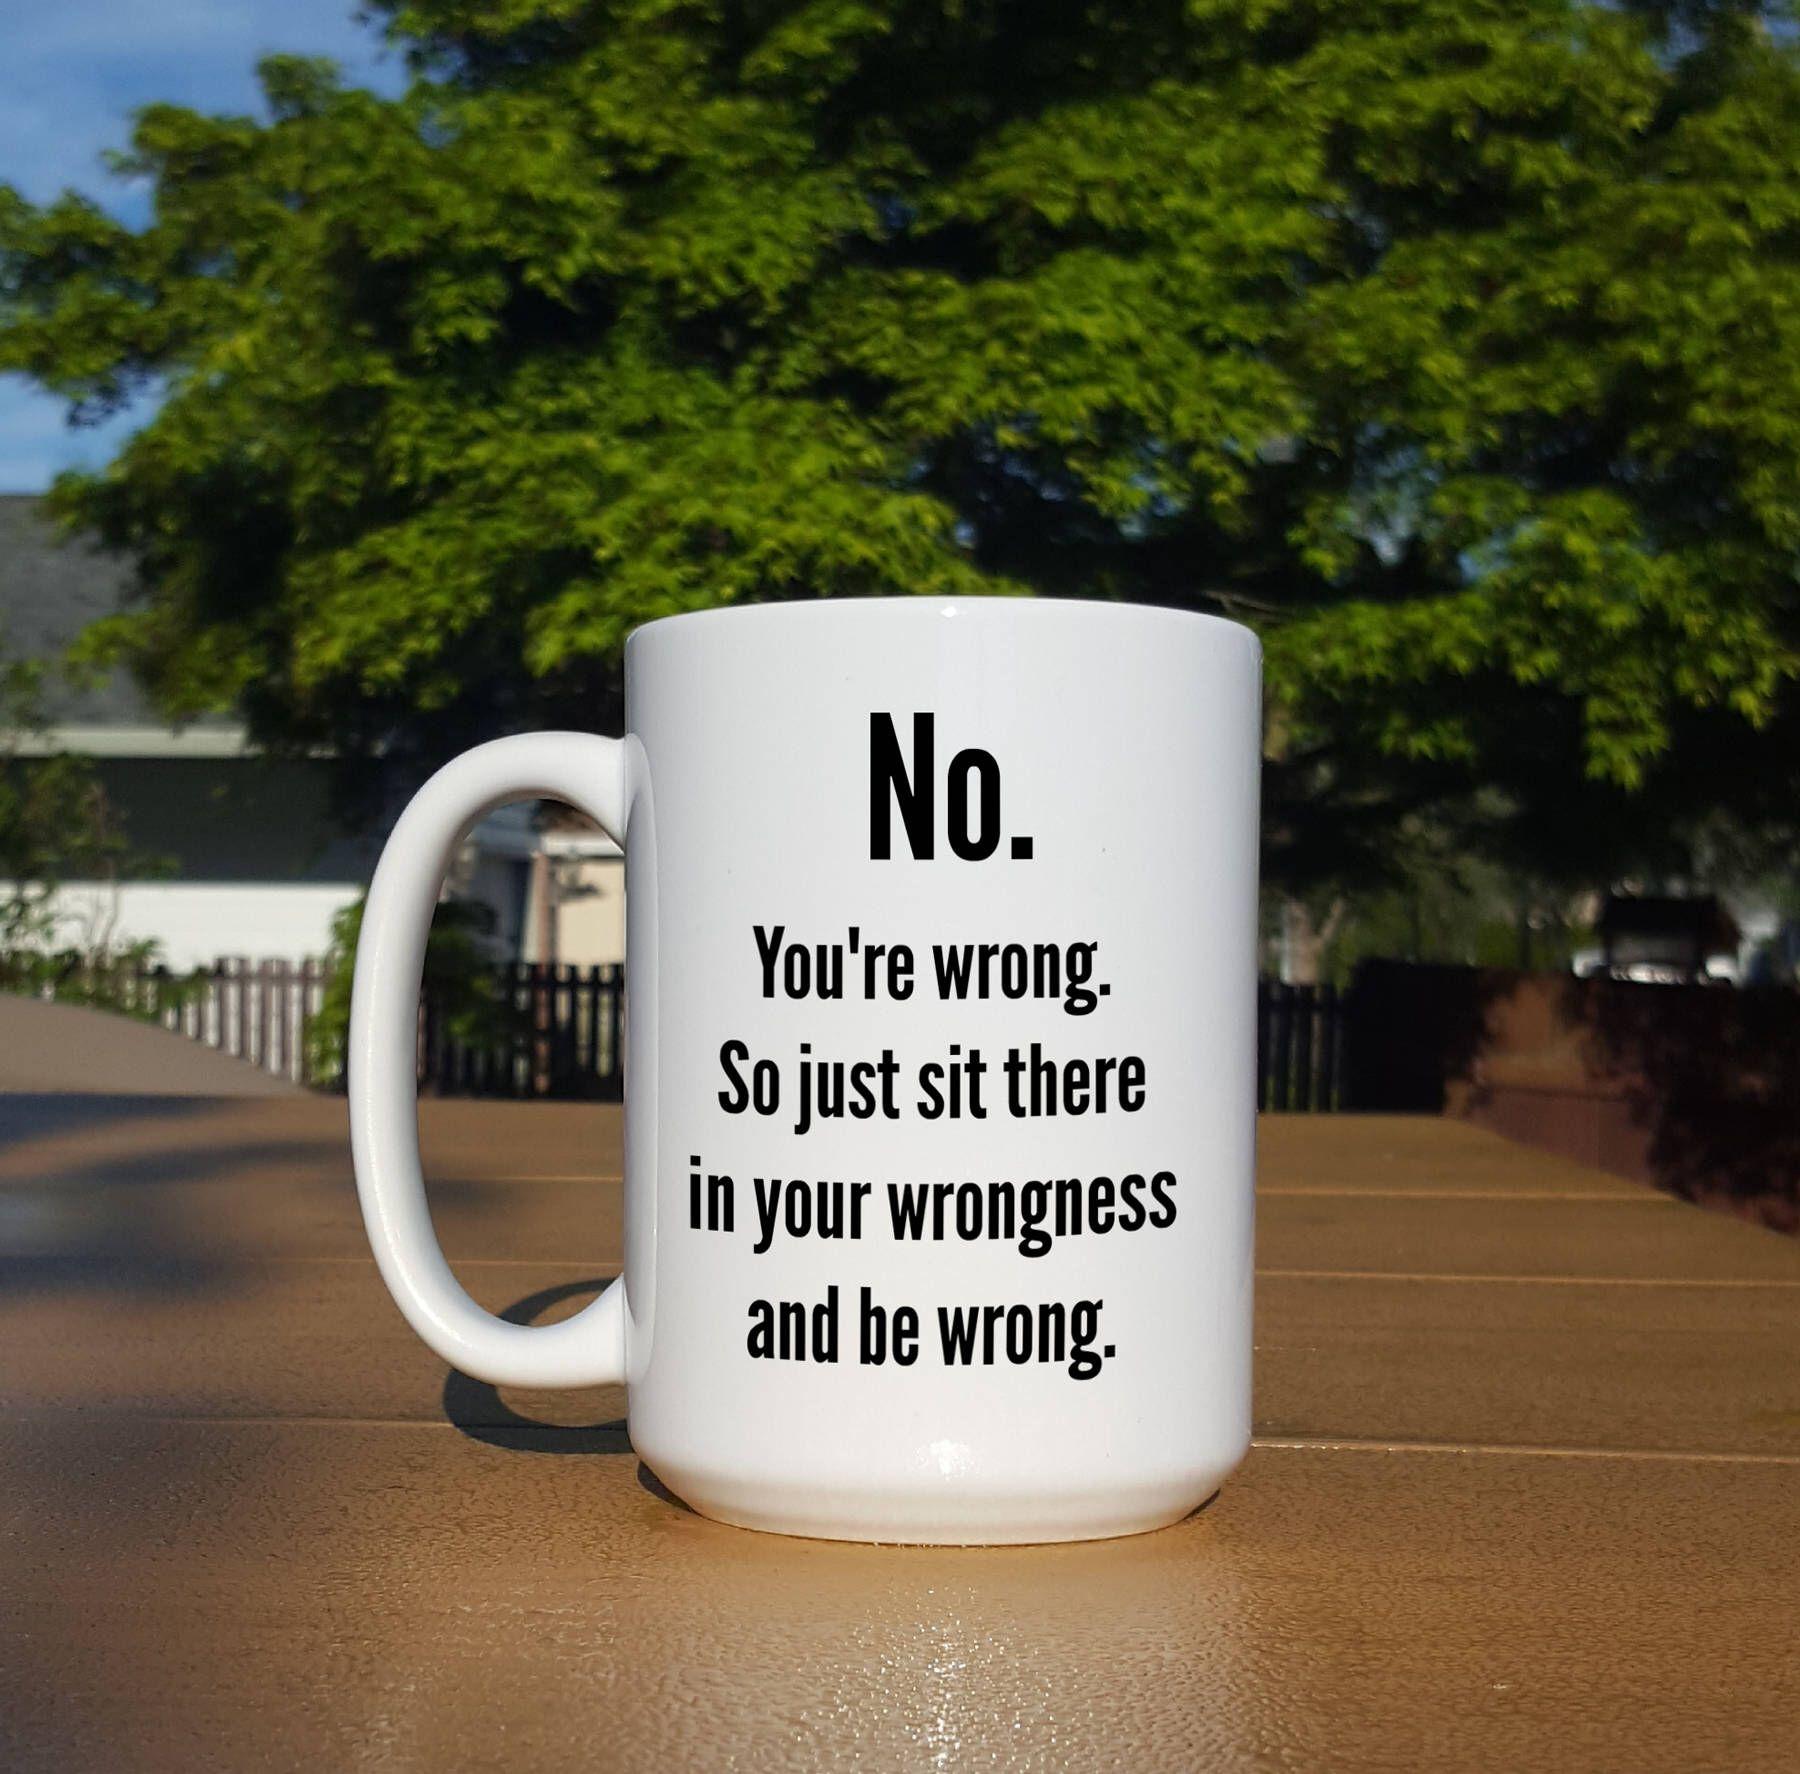 No, You're Wrong Mug - 11 or 15 oz Funny Coffee Mug